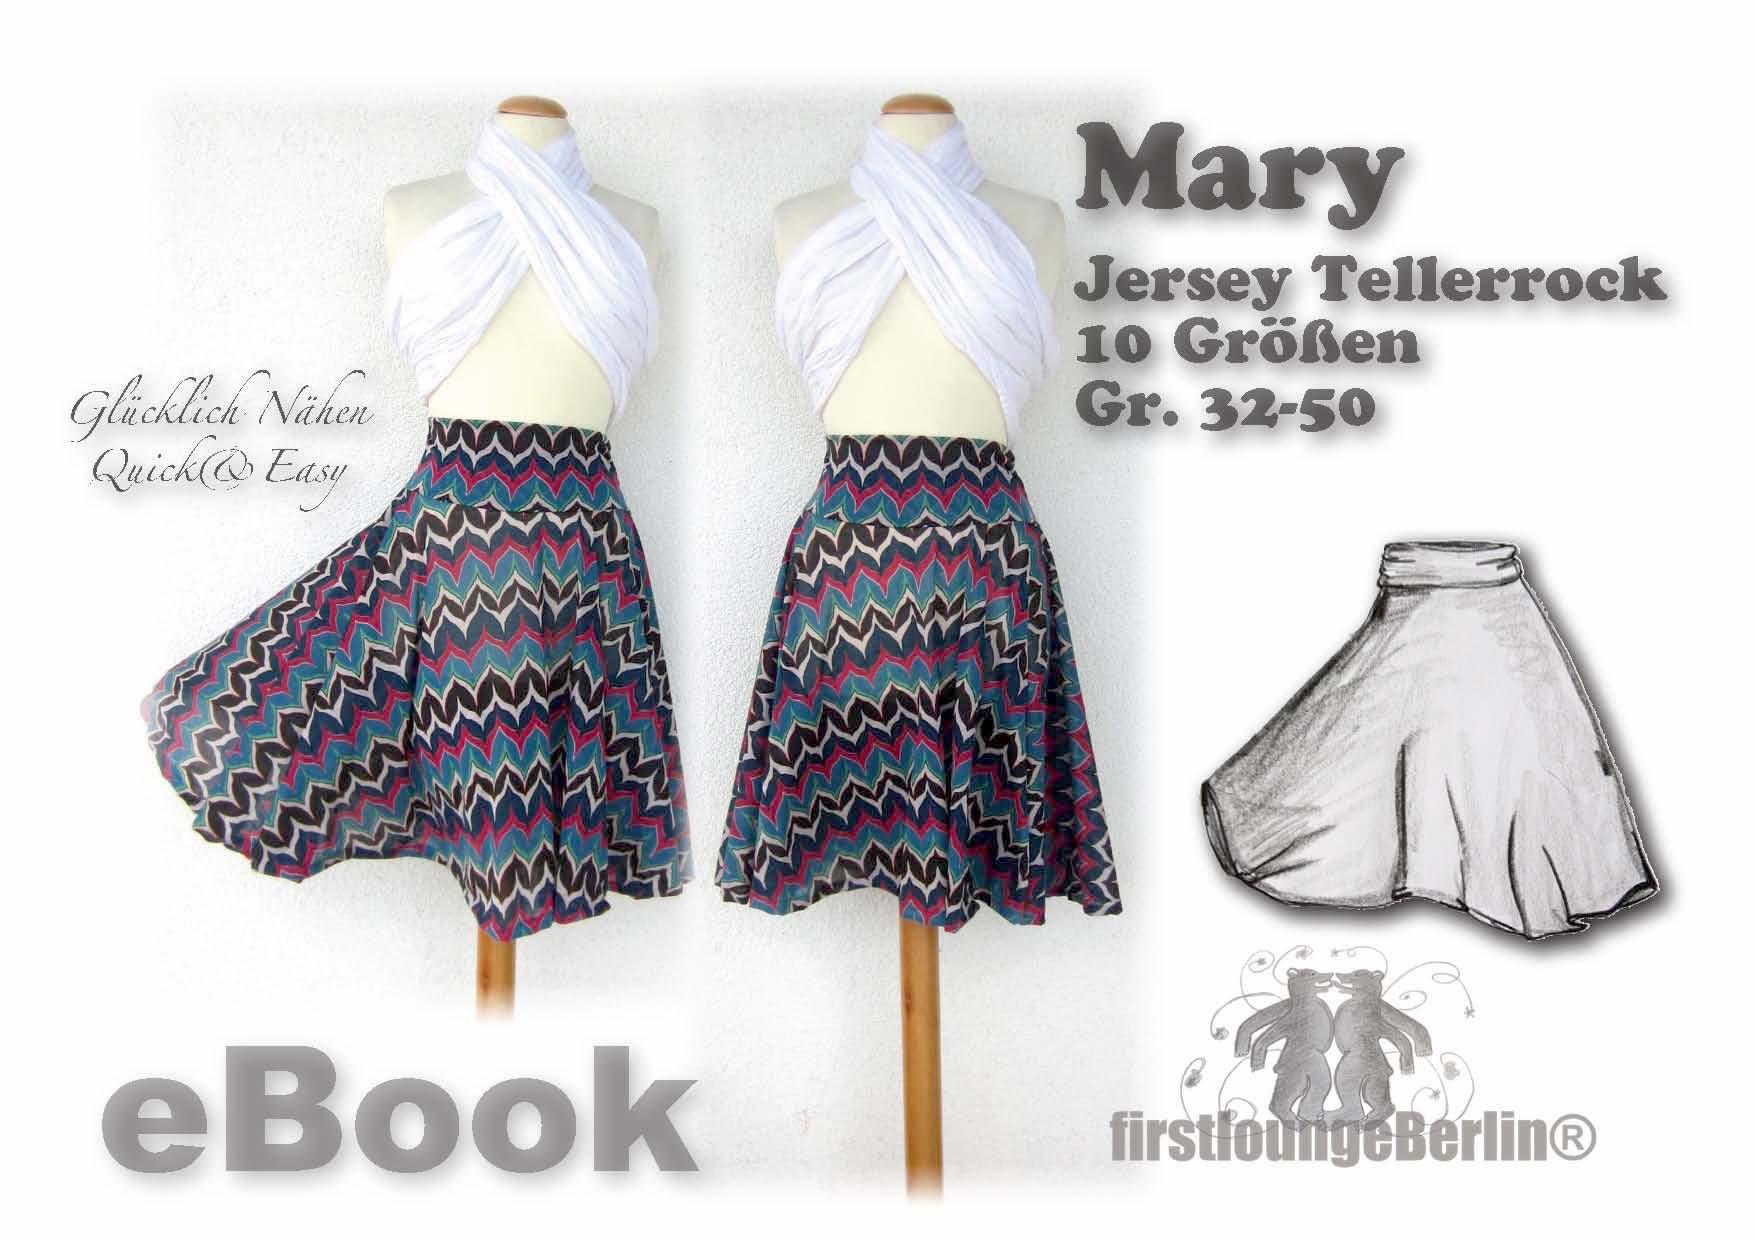 Preisvergleich Produktbild Mary Nähanleitung mit Schnittmuster für Tellerrock in 3 Längen von Gr. 32-50 [Download]